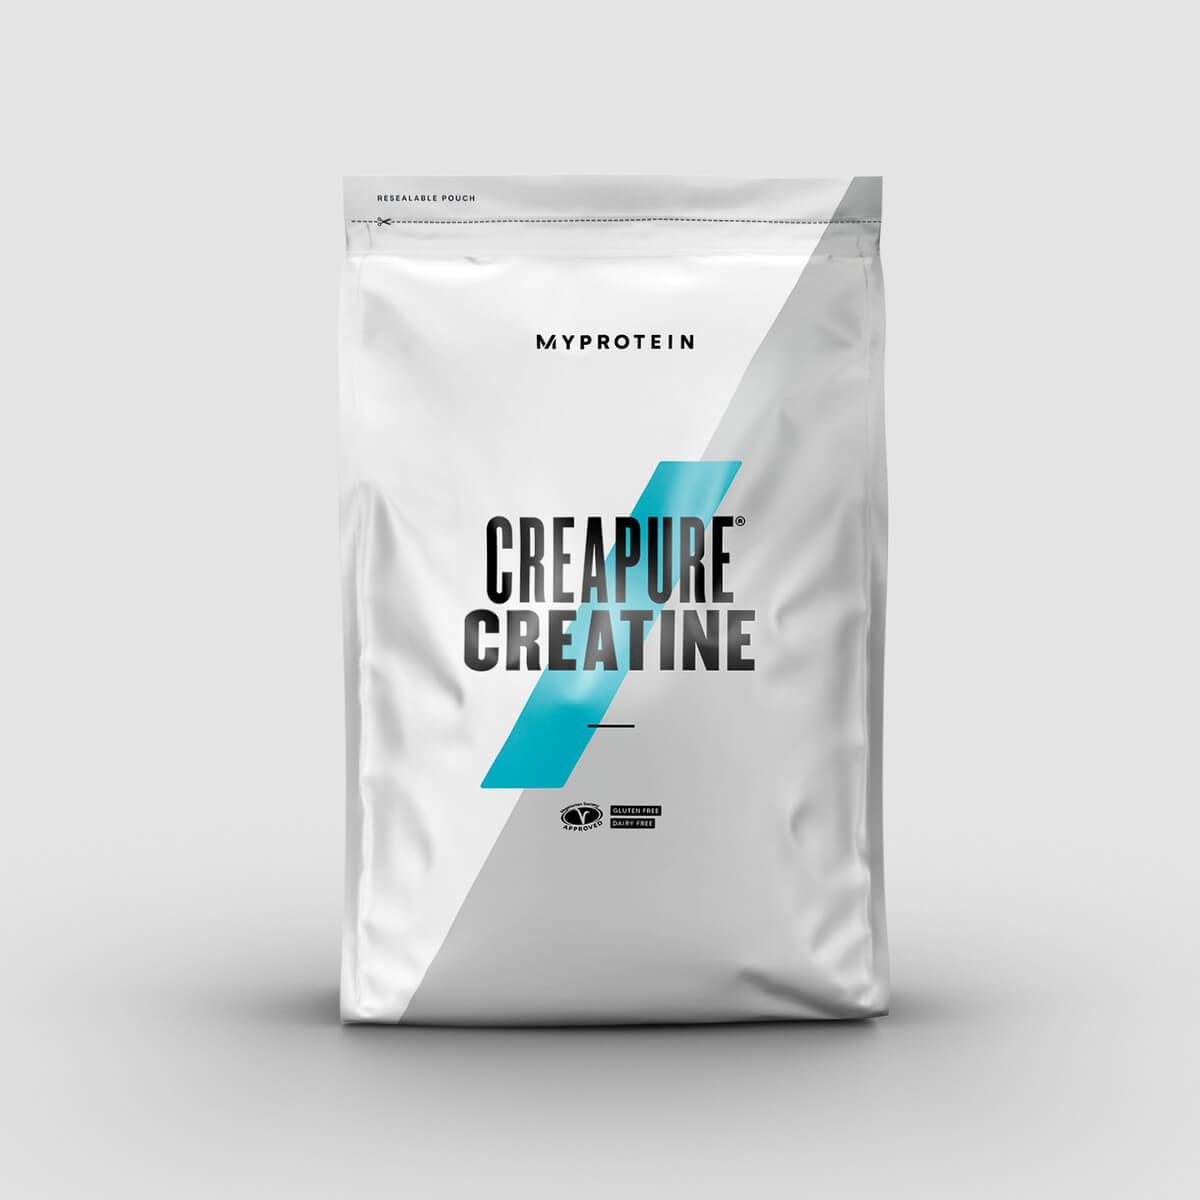 Myprotein Creapure® Creatine Powder - 1kg - Blue Raspberry